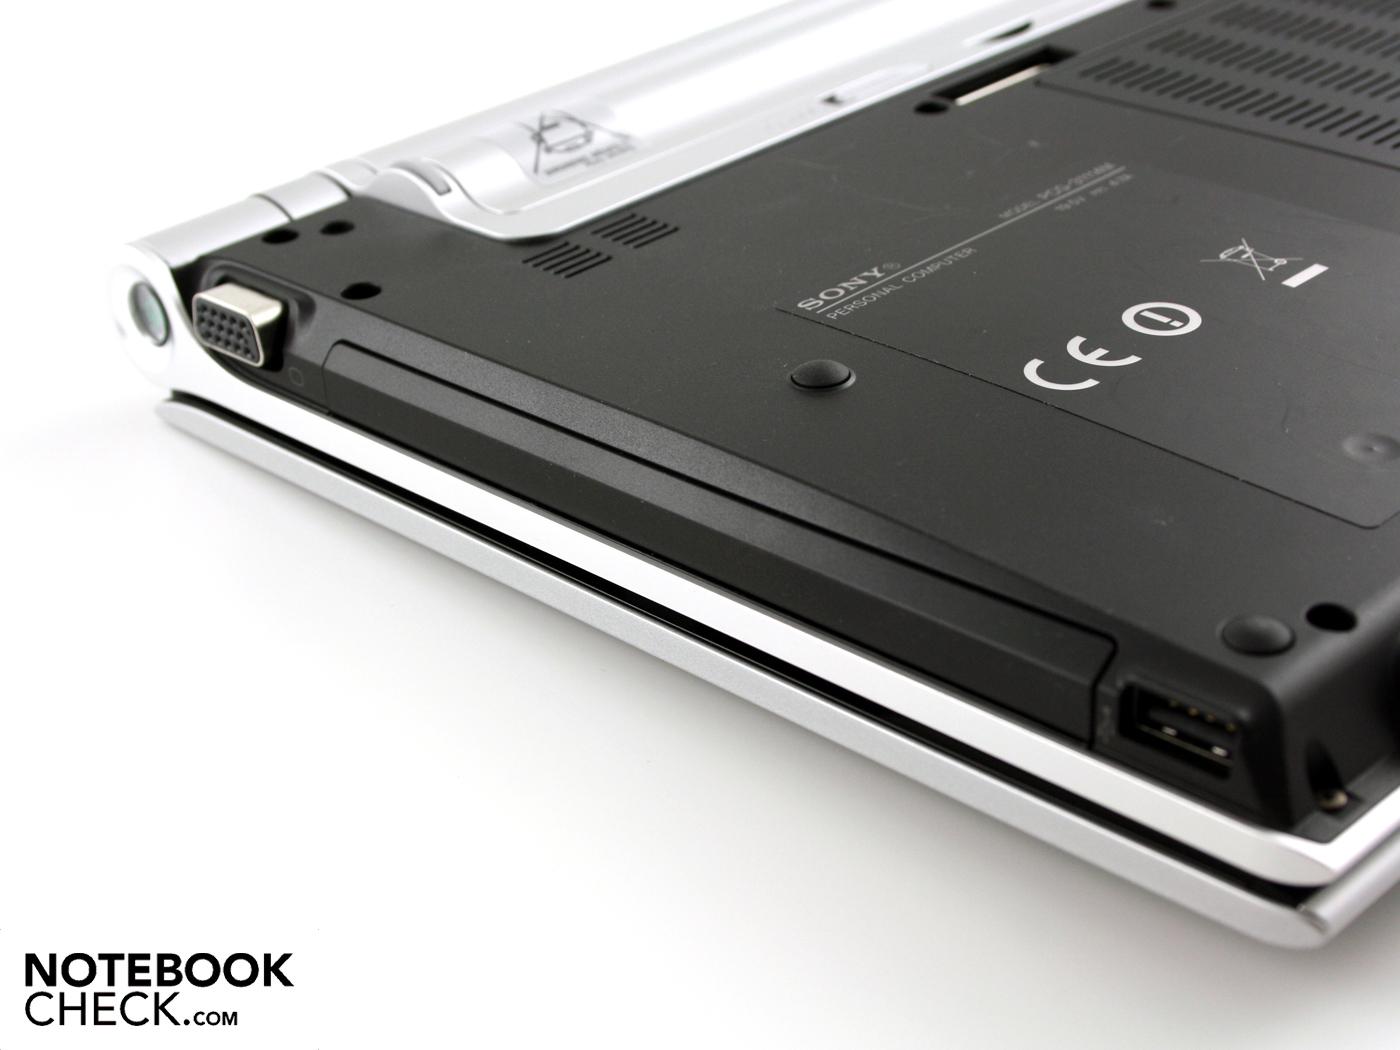 Sony vaio t13 review 2 alphr - Grund Fehlendes Optisches Laufwerk